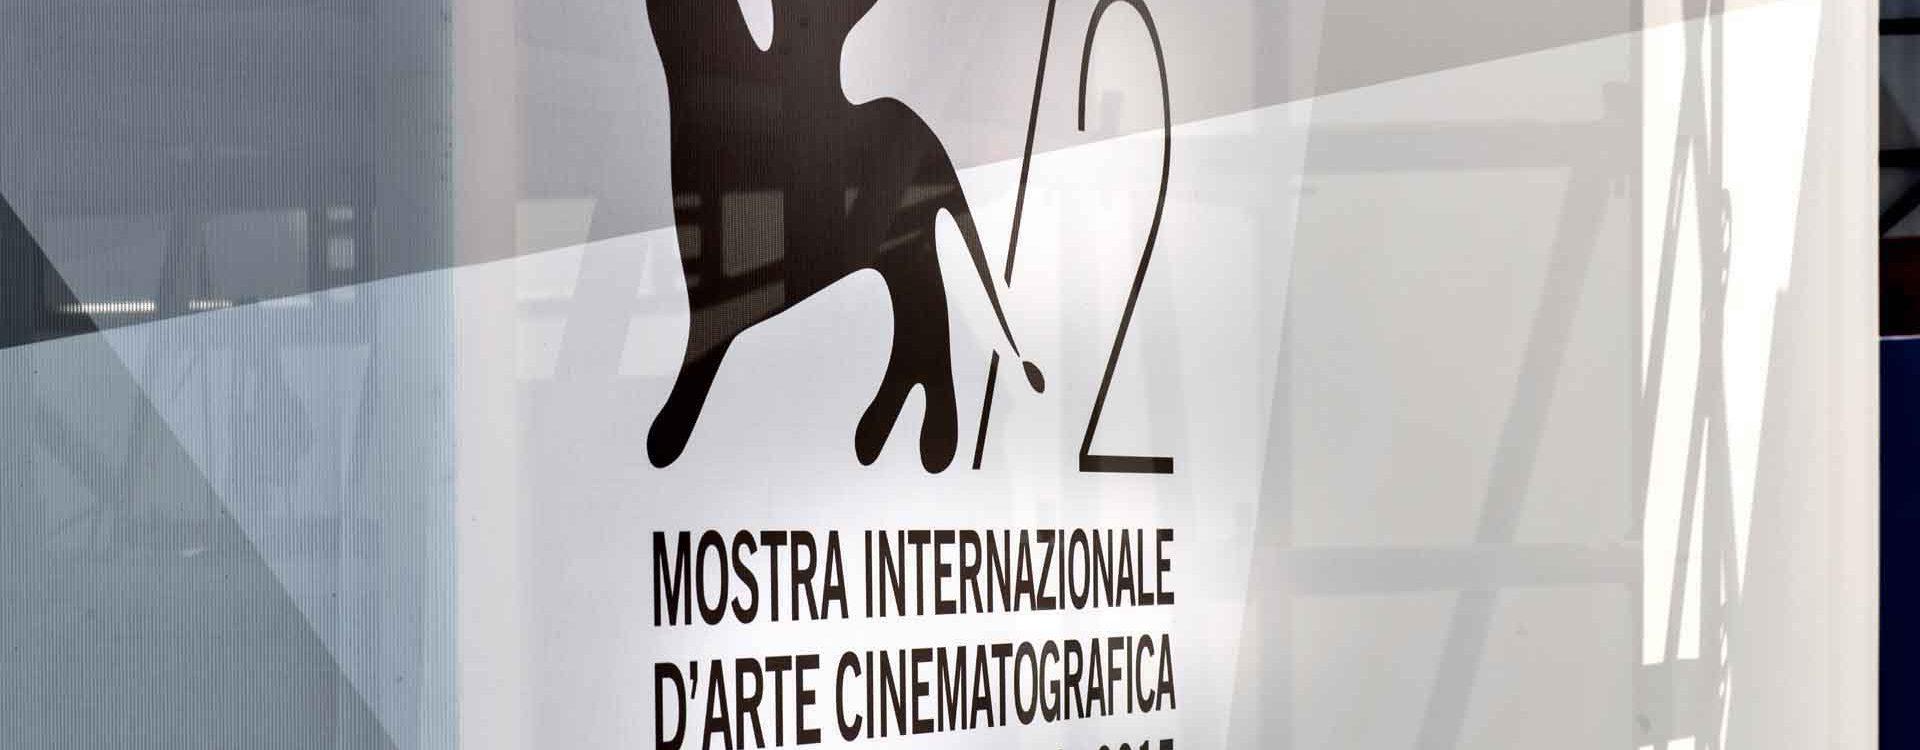 Chiara Rapaccini Mario Monicelli 72 Mostra Internazionale d' Arte Cinematografica – La Biennale di venezia 2015 00011